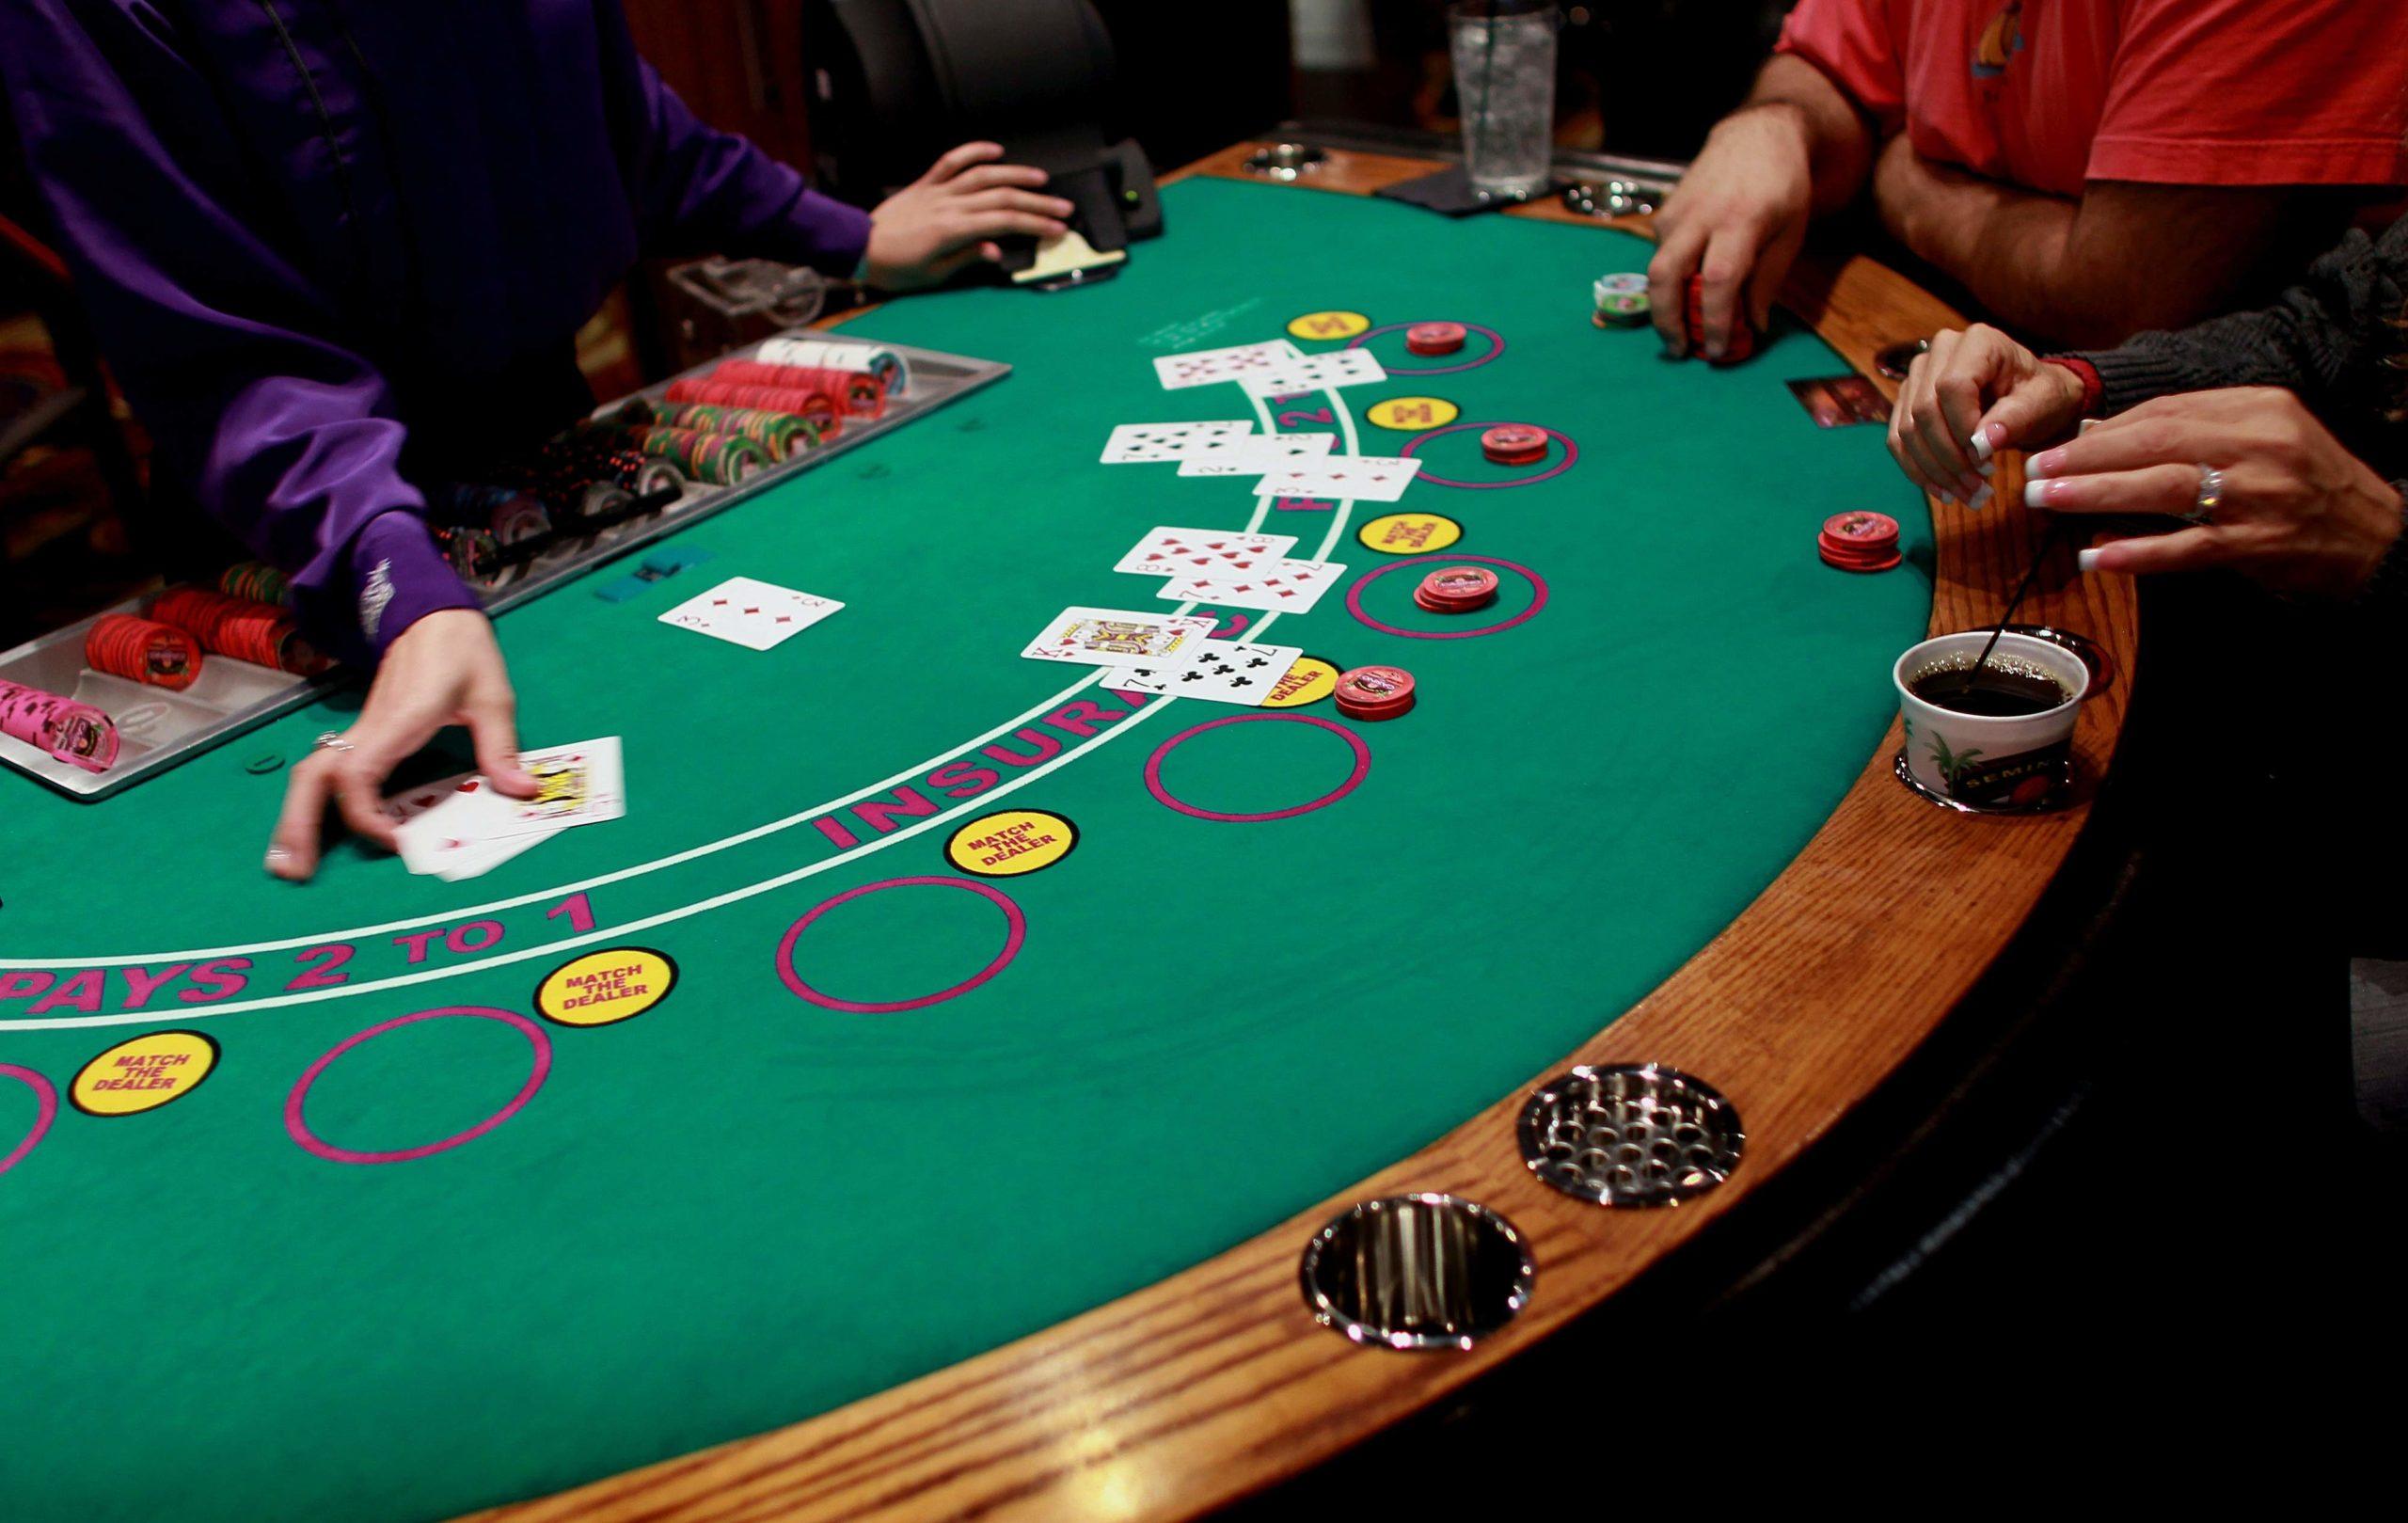 استراتيجية لعبة البوكر - 12674